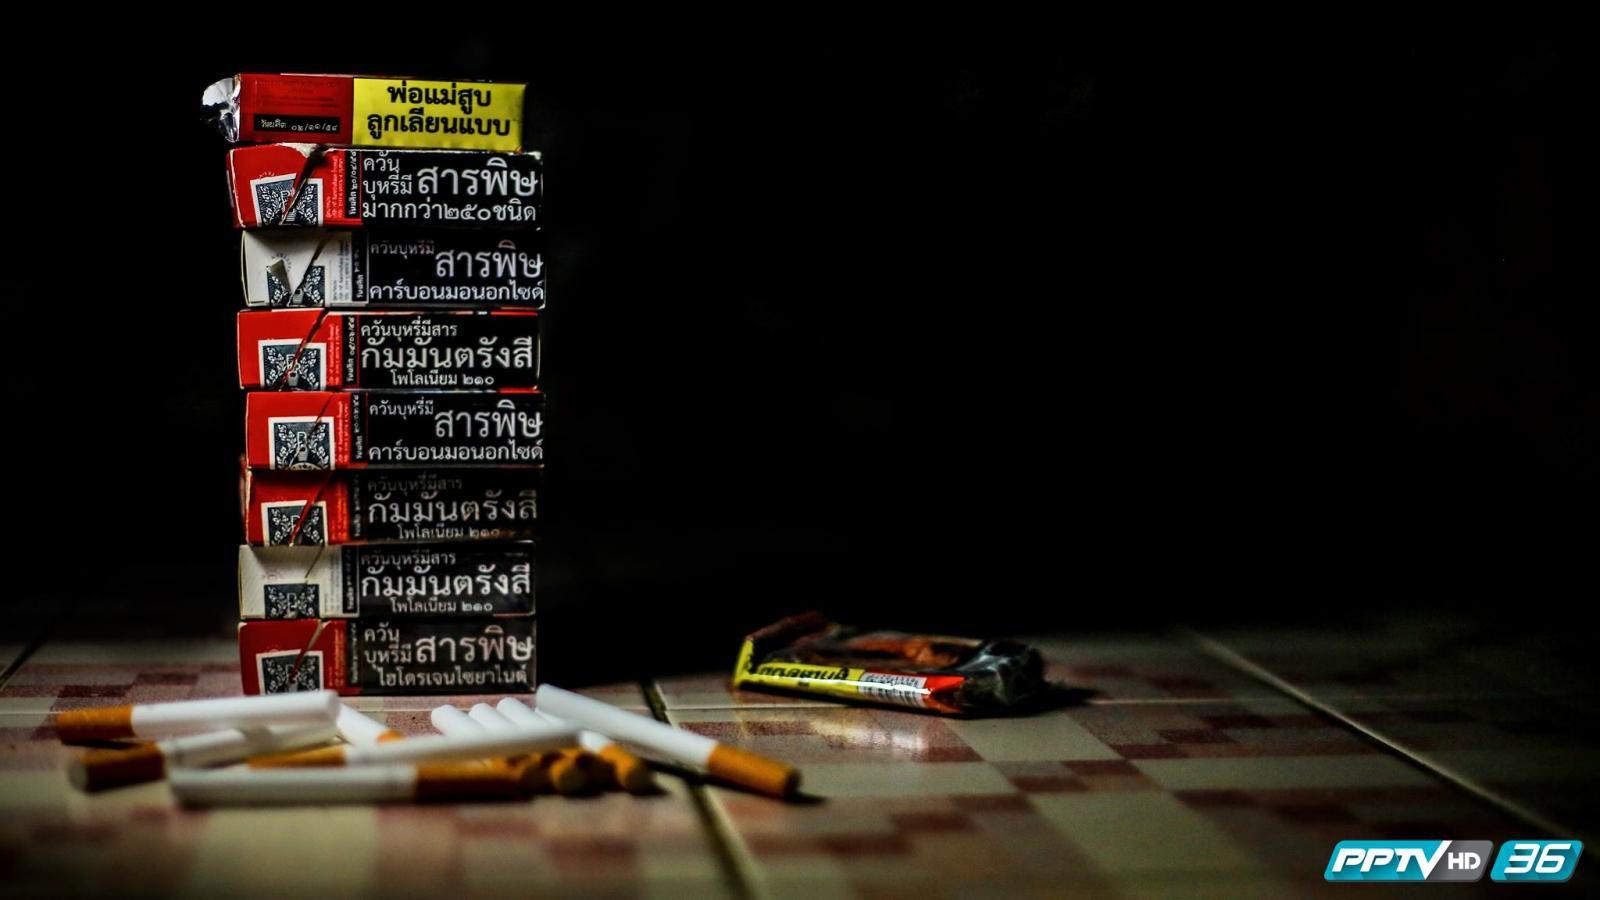 """แพทย์แนะหากหยุดสูบบุหรี่ ป้องกัน """"มะเร็งปอด"""" ได้ถึง 70 %"""